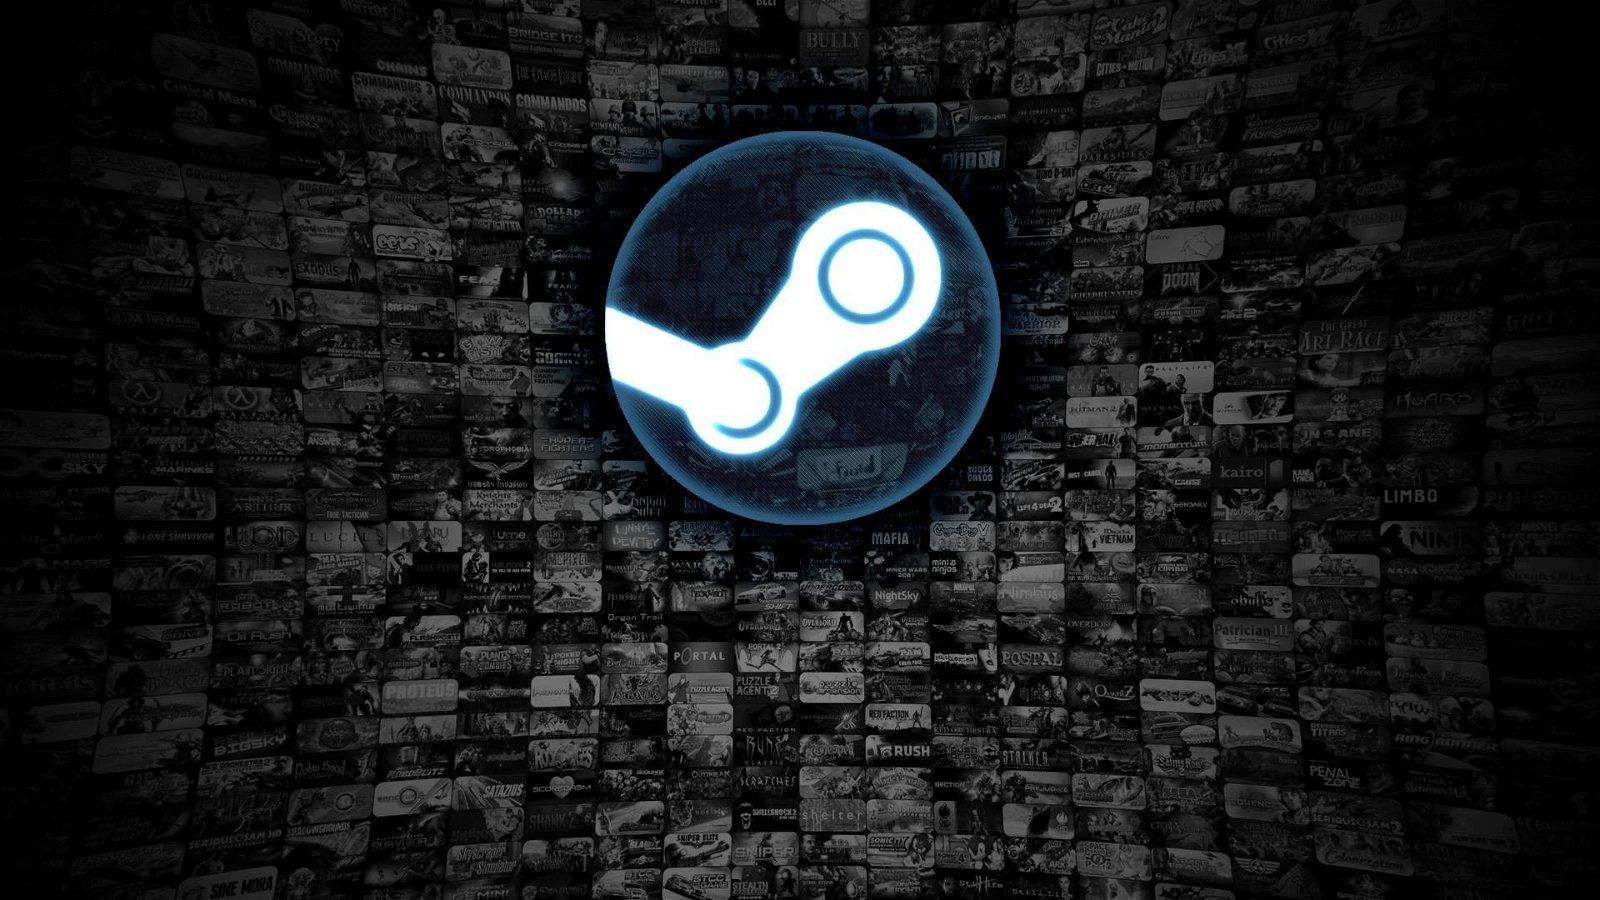 Steam y Minecraft son los próximos objetivos de los hackers para Navidad